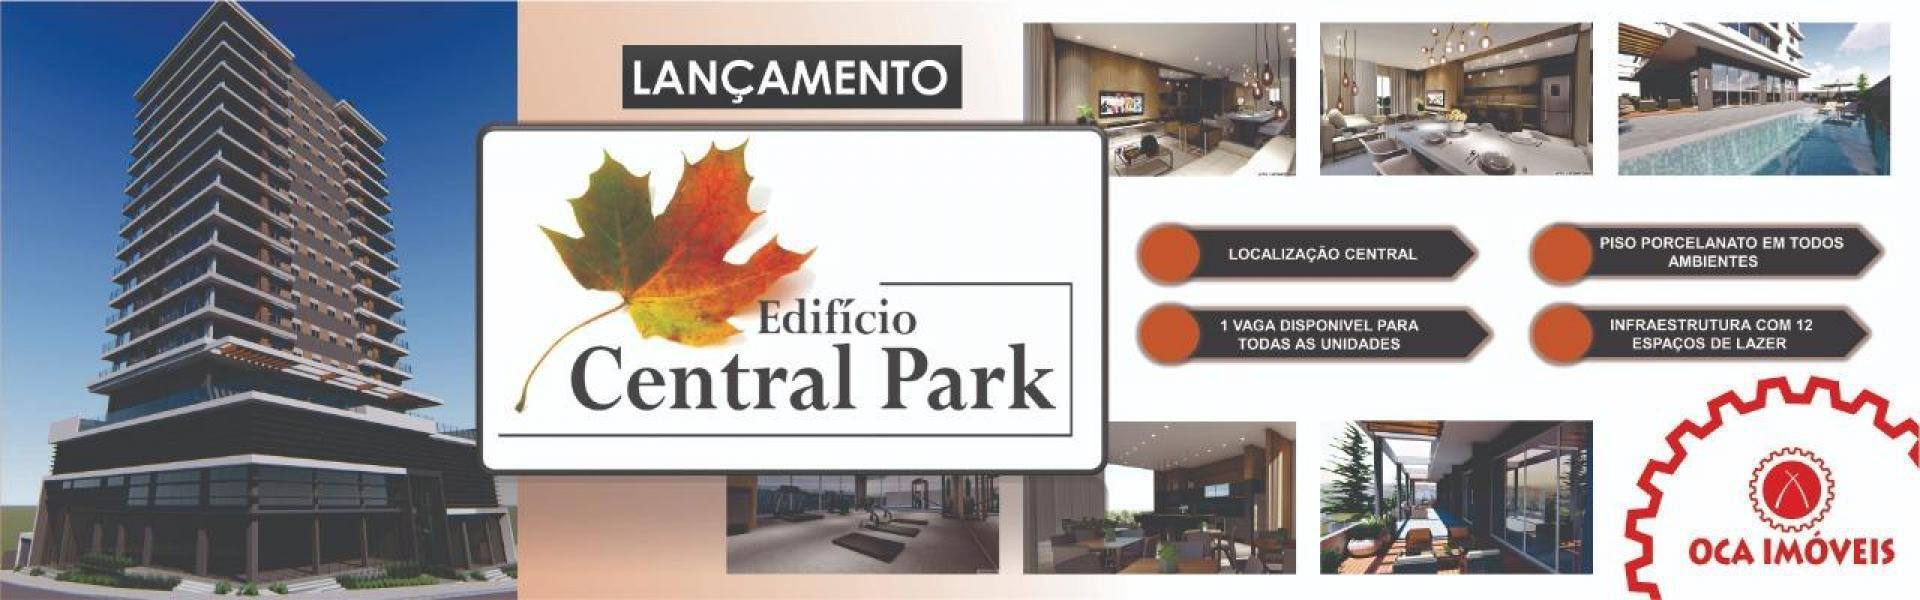 Ijuí EDIFÍCIO CENTRAL PARK